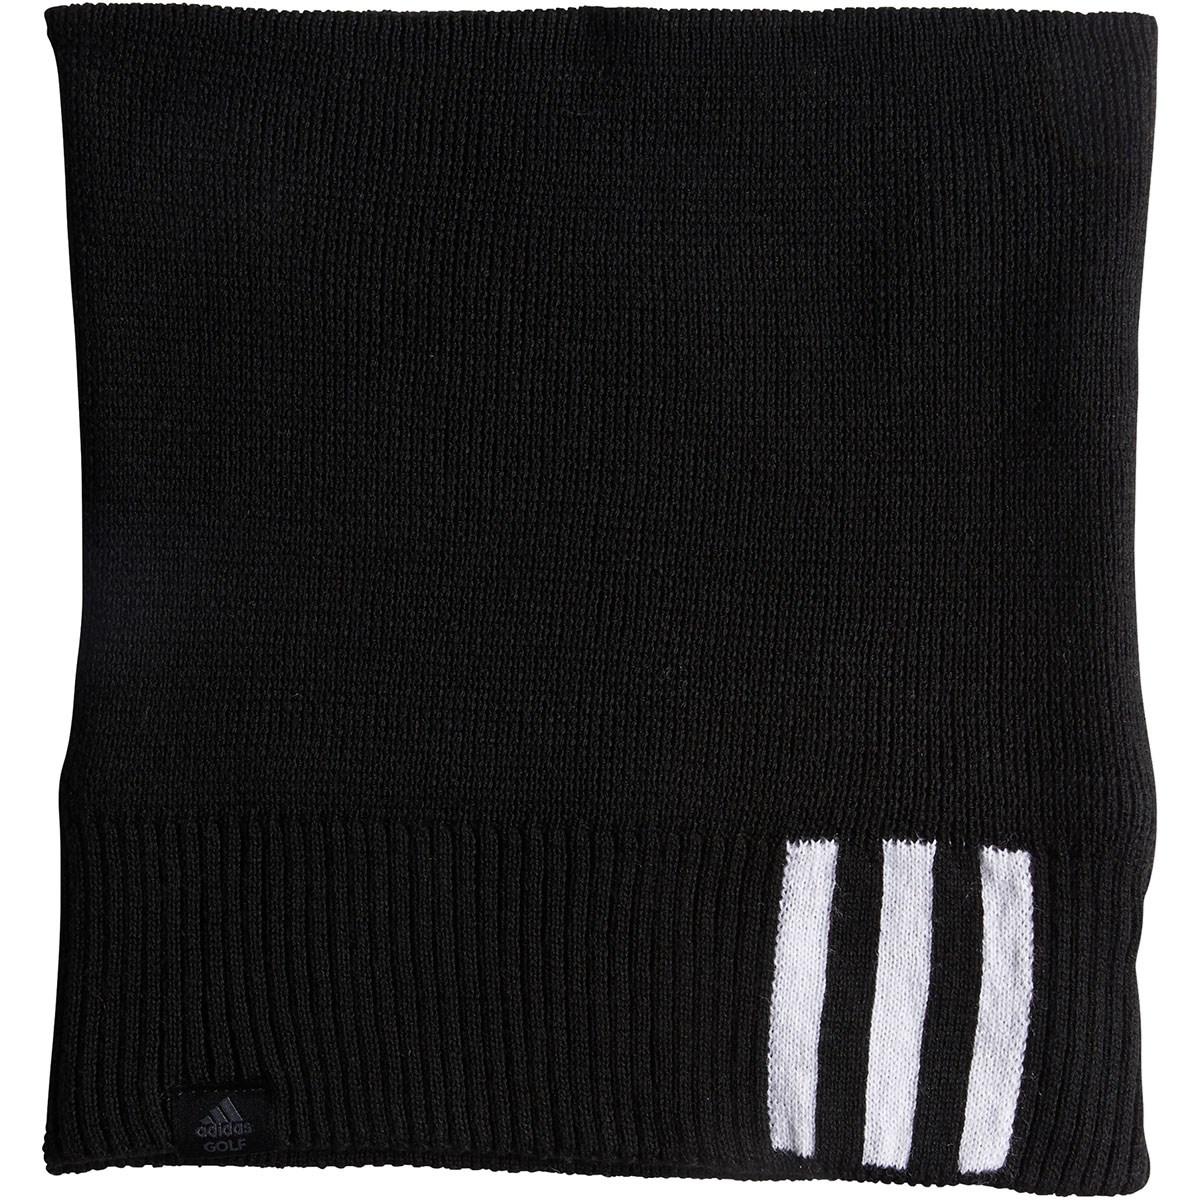 アディダス Adidas 3ストライプネックウォーマー ブラック フリー レディス